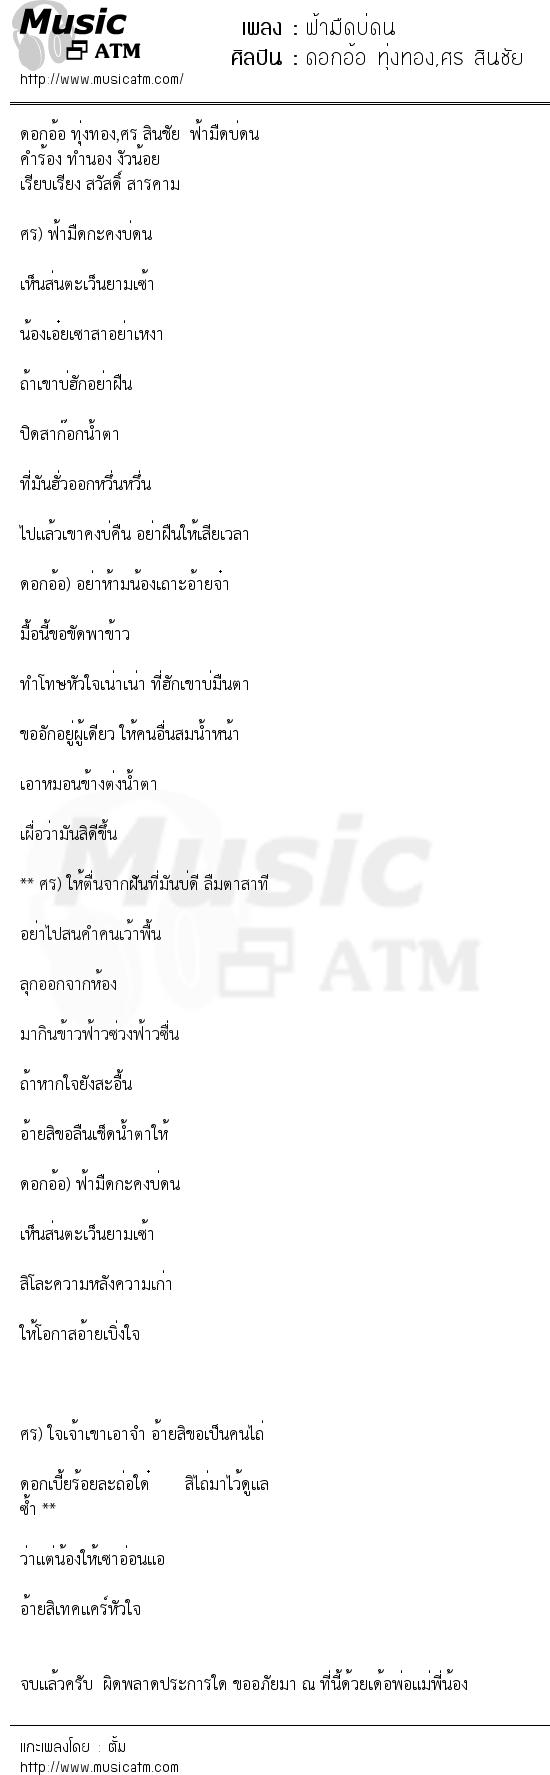 เนื้อเพลง ฟ้ามืดบ่ดน - ดอกอ้อ ทุ่งทอง,ศร สินชัย   เพลงไทย